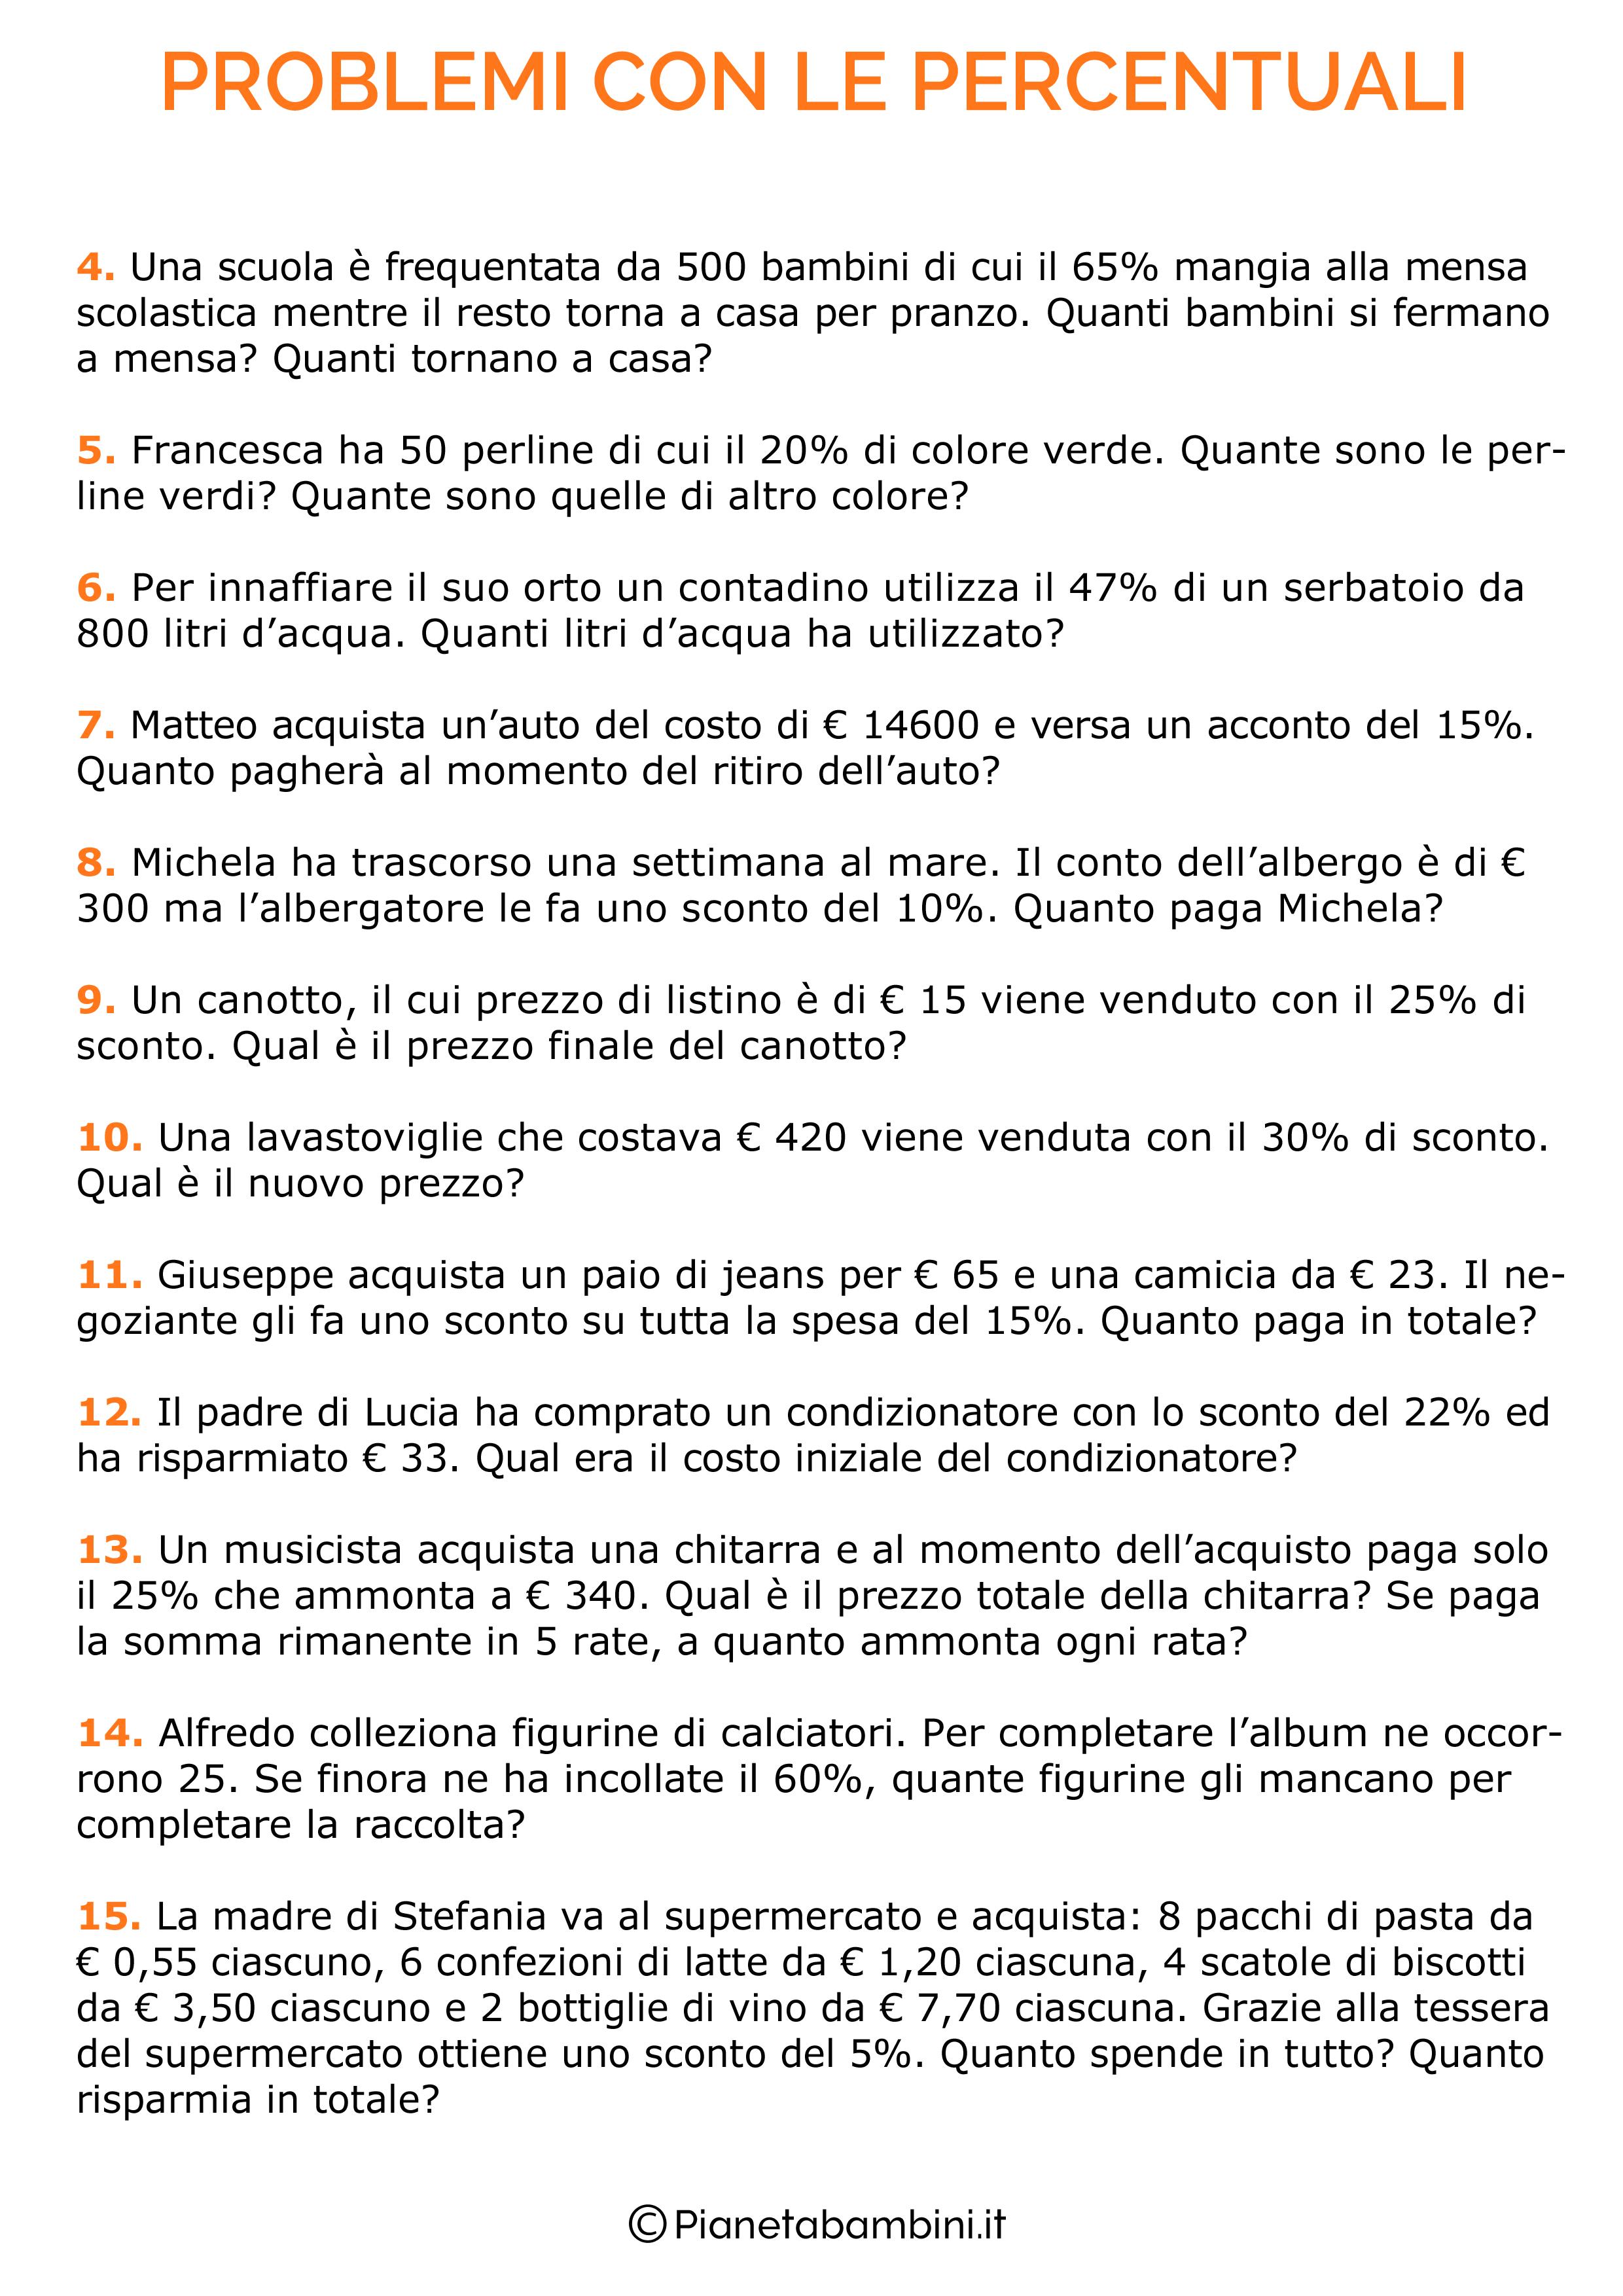 Come si risolvono i problemi con le percentuali?